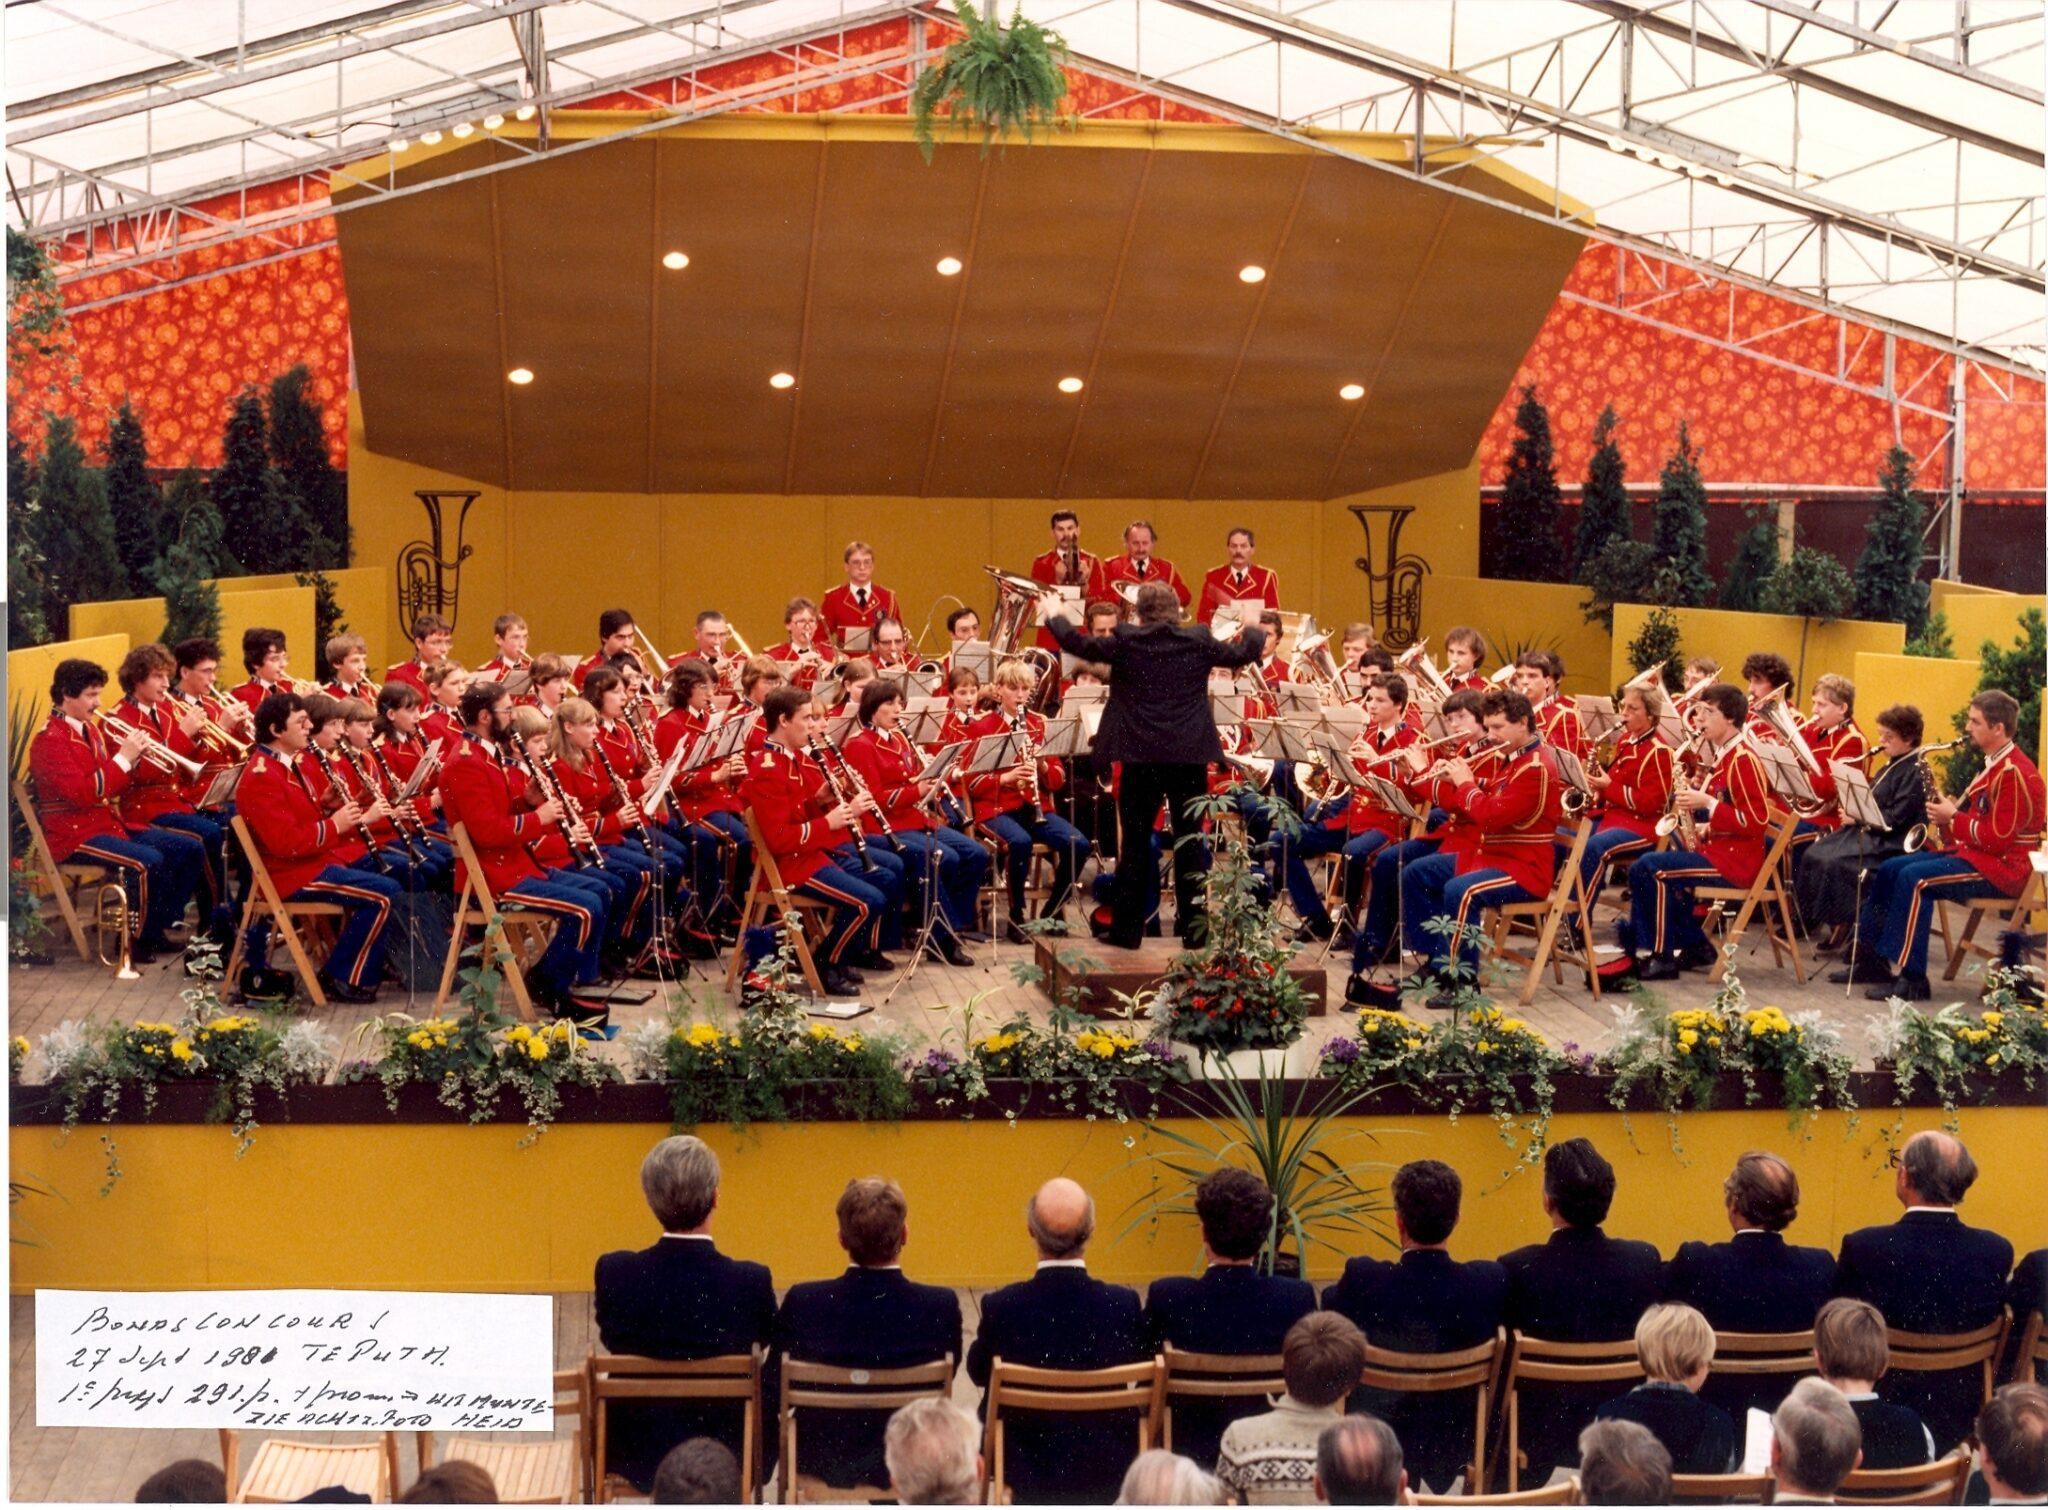 Concours met Jan Hermans in Puth, 1981